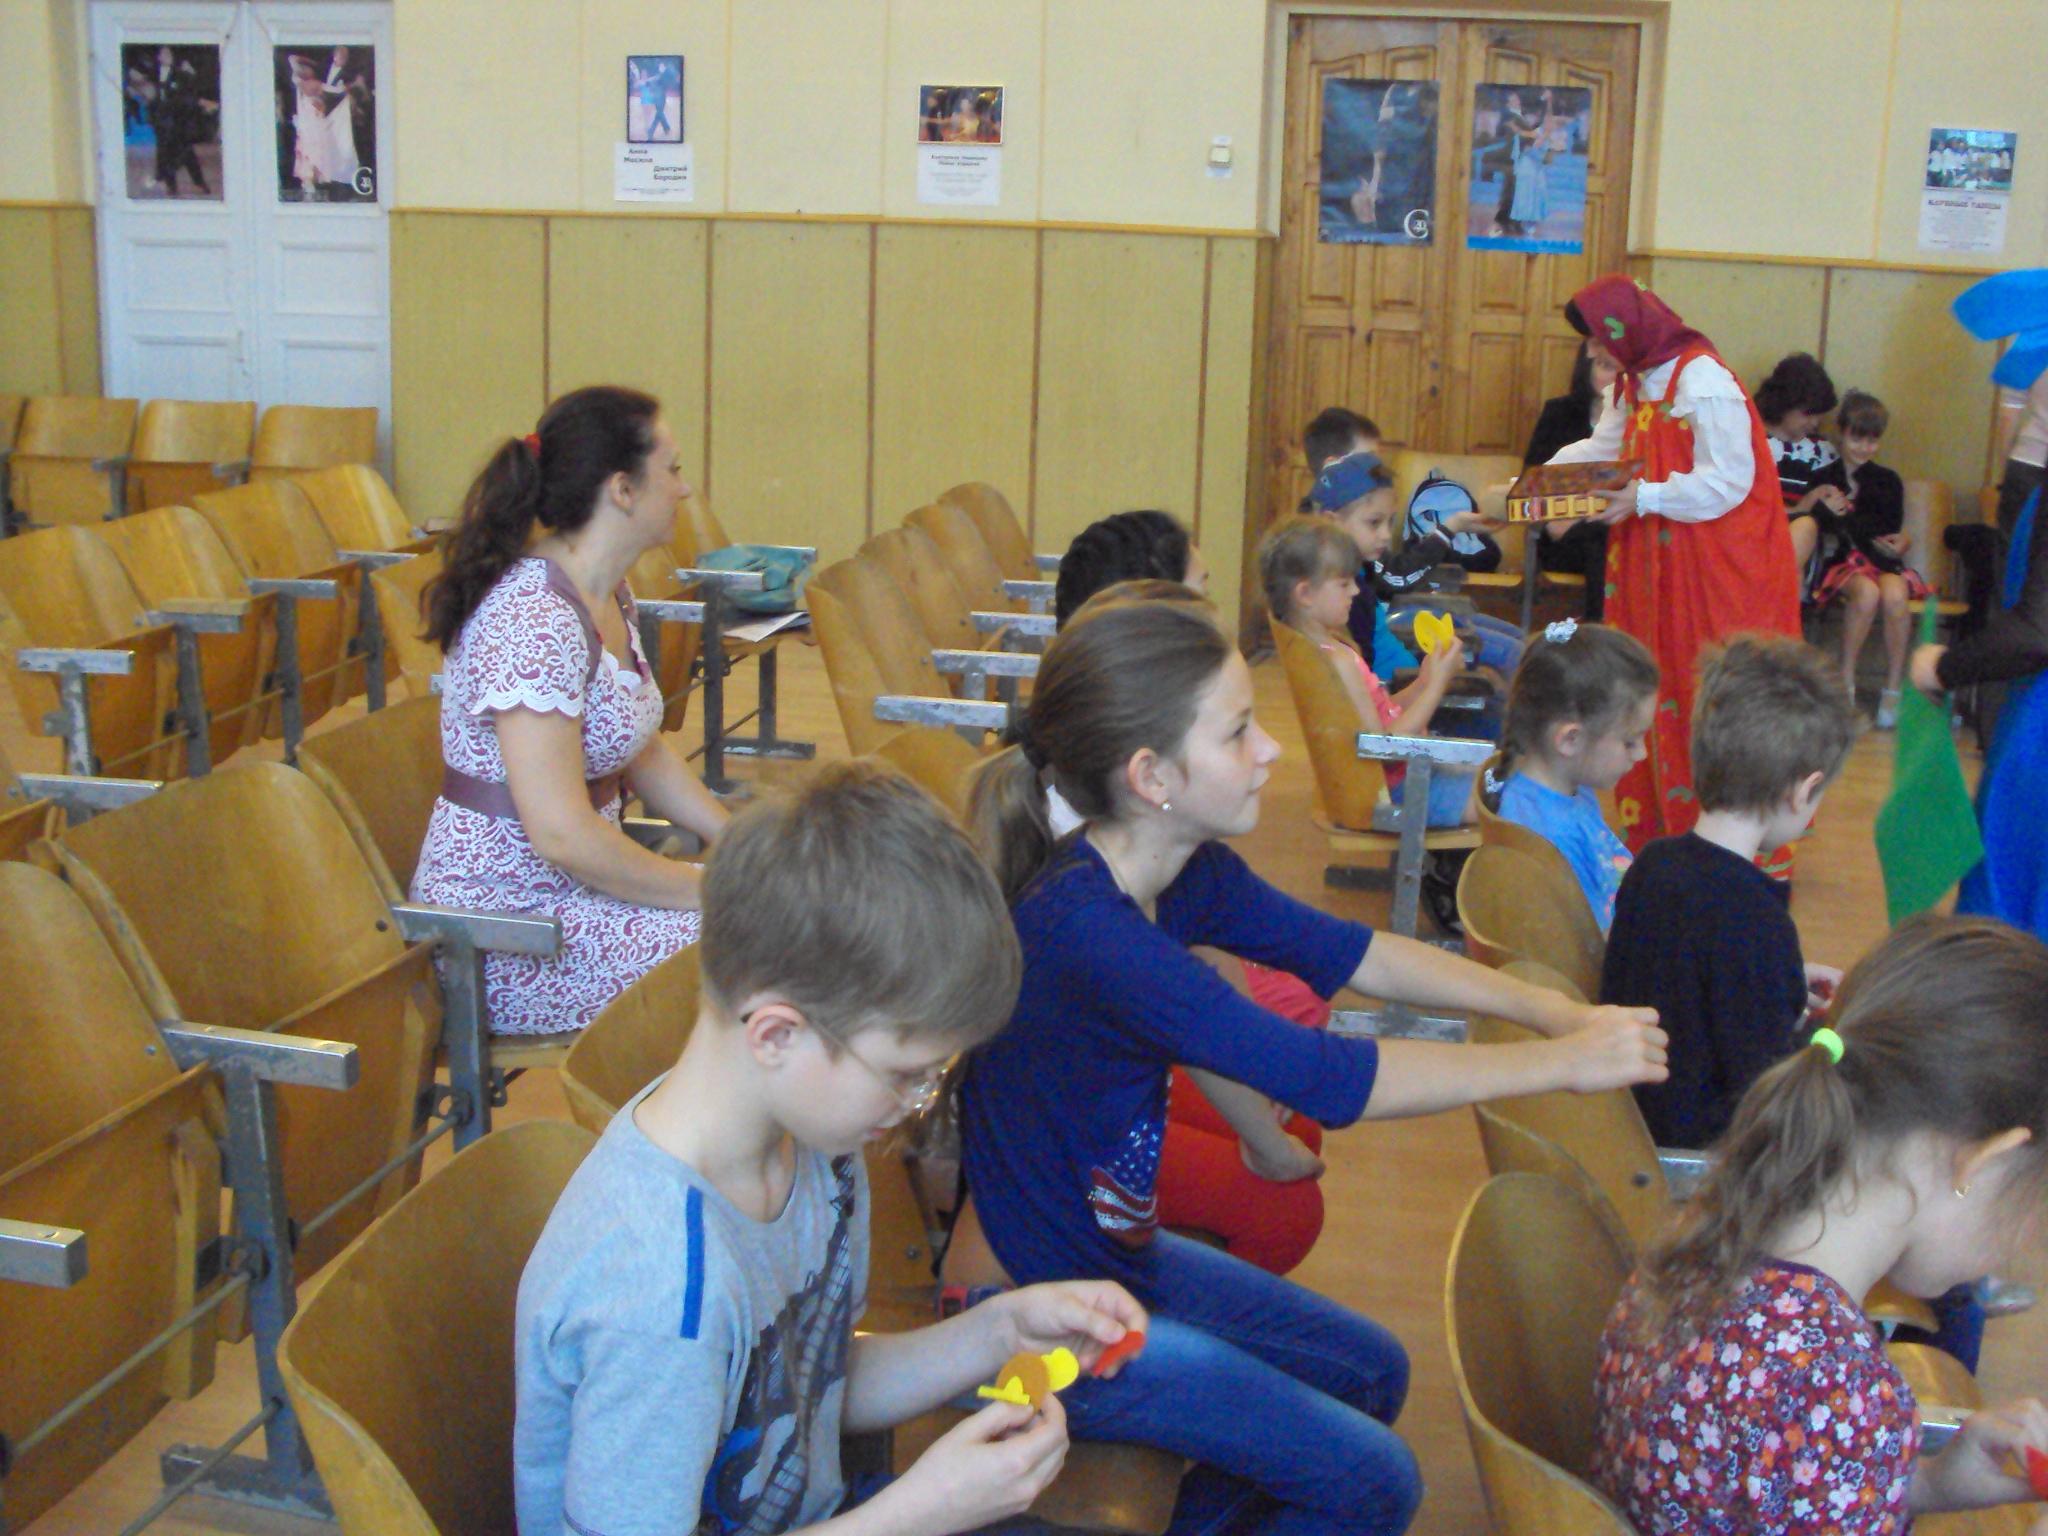 Пришкольный лагерь, донецкая школа №14, новости нашего отдела, летний лагерь в библиотеке, летние каникулы в детской библиотеке